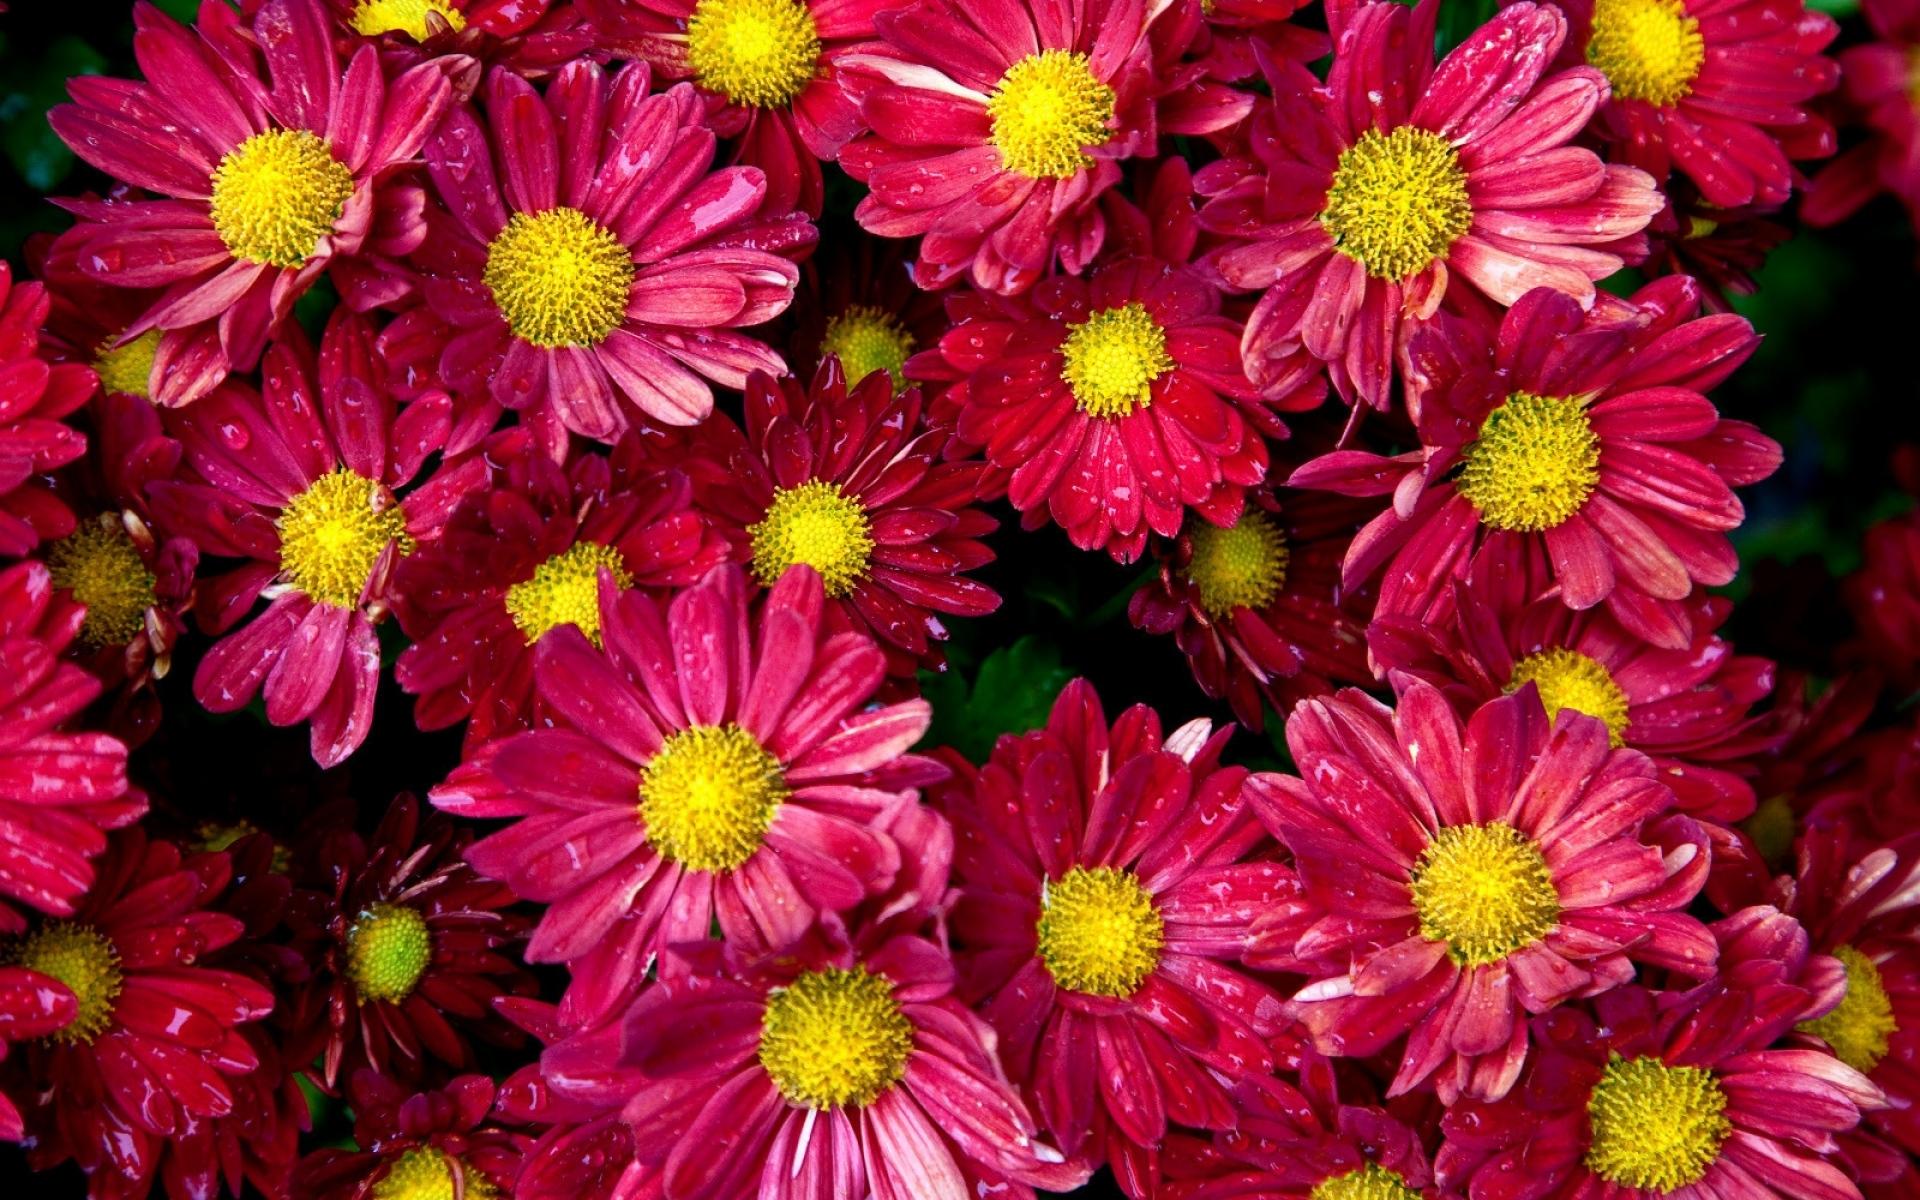 Картинки Хризантемы, цветы, почки, капля, свежесть фото и обои на рабочий стол